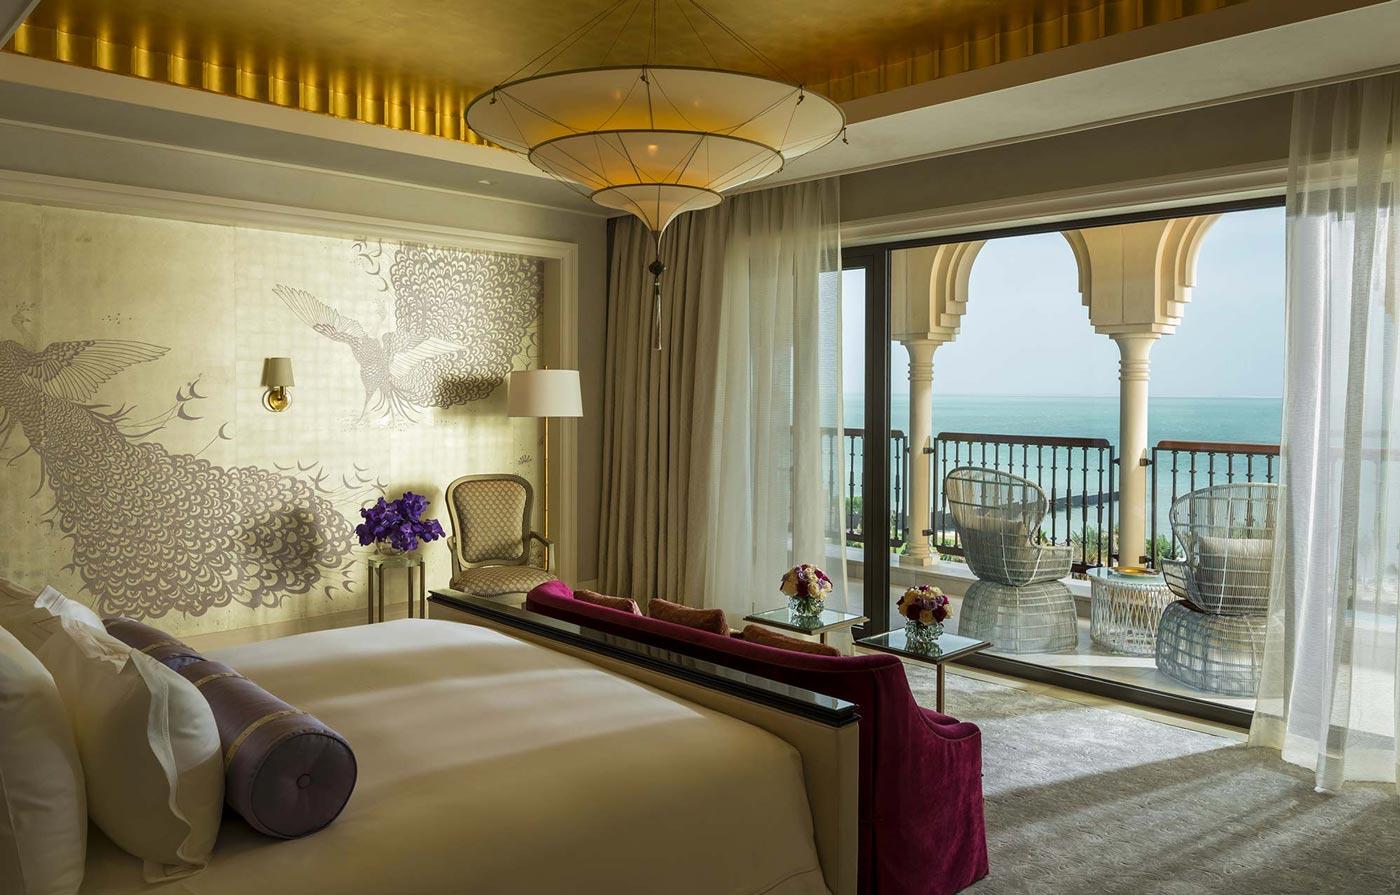 Lampe en soie unie Scheherazade à trois niveaux au Four Seasons Resort Hotel à Dubaï, Royal Suite Master bedroom